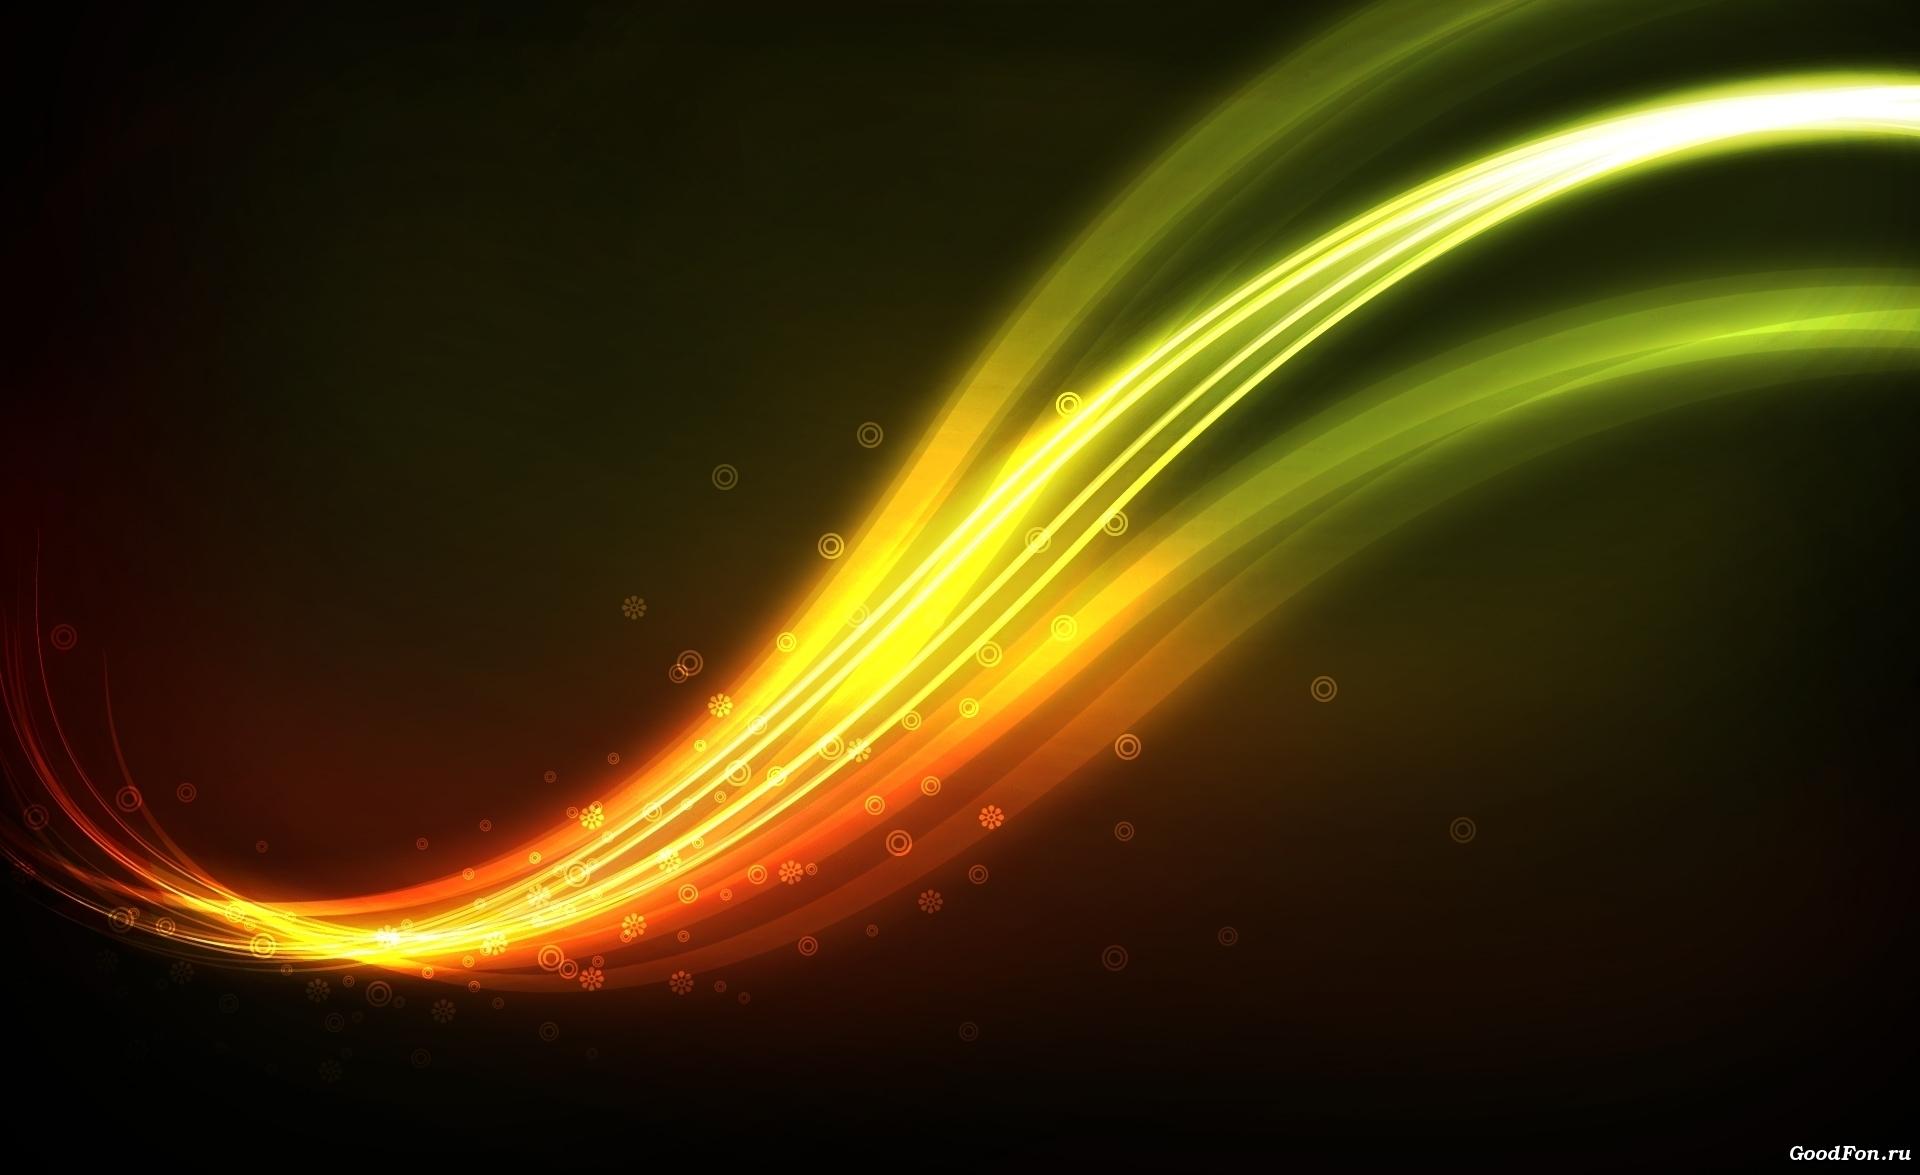 Обои сияние линии свечение lights line glow картинки на рабочий стол на тему Космос - скачать без смс